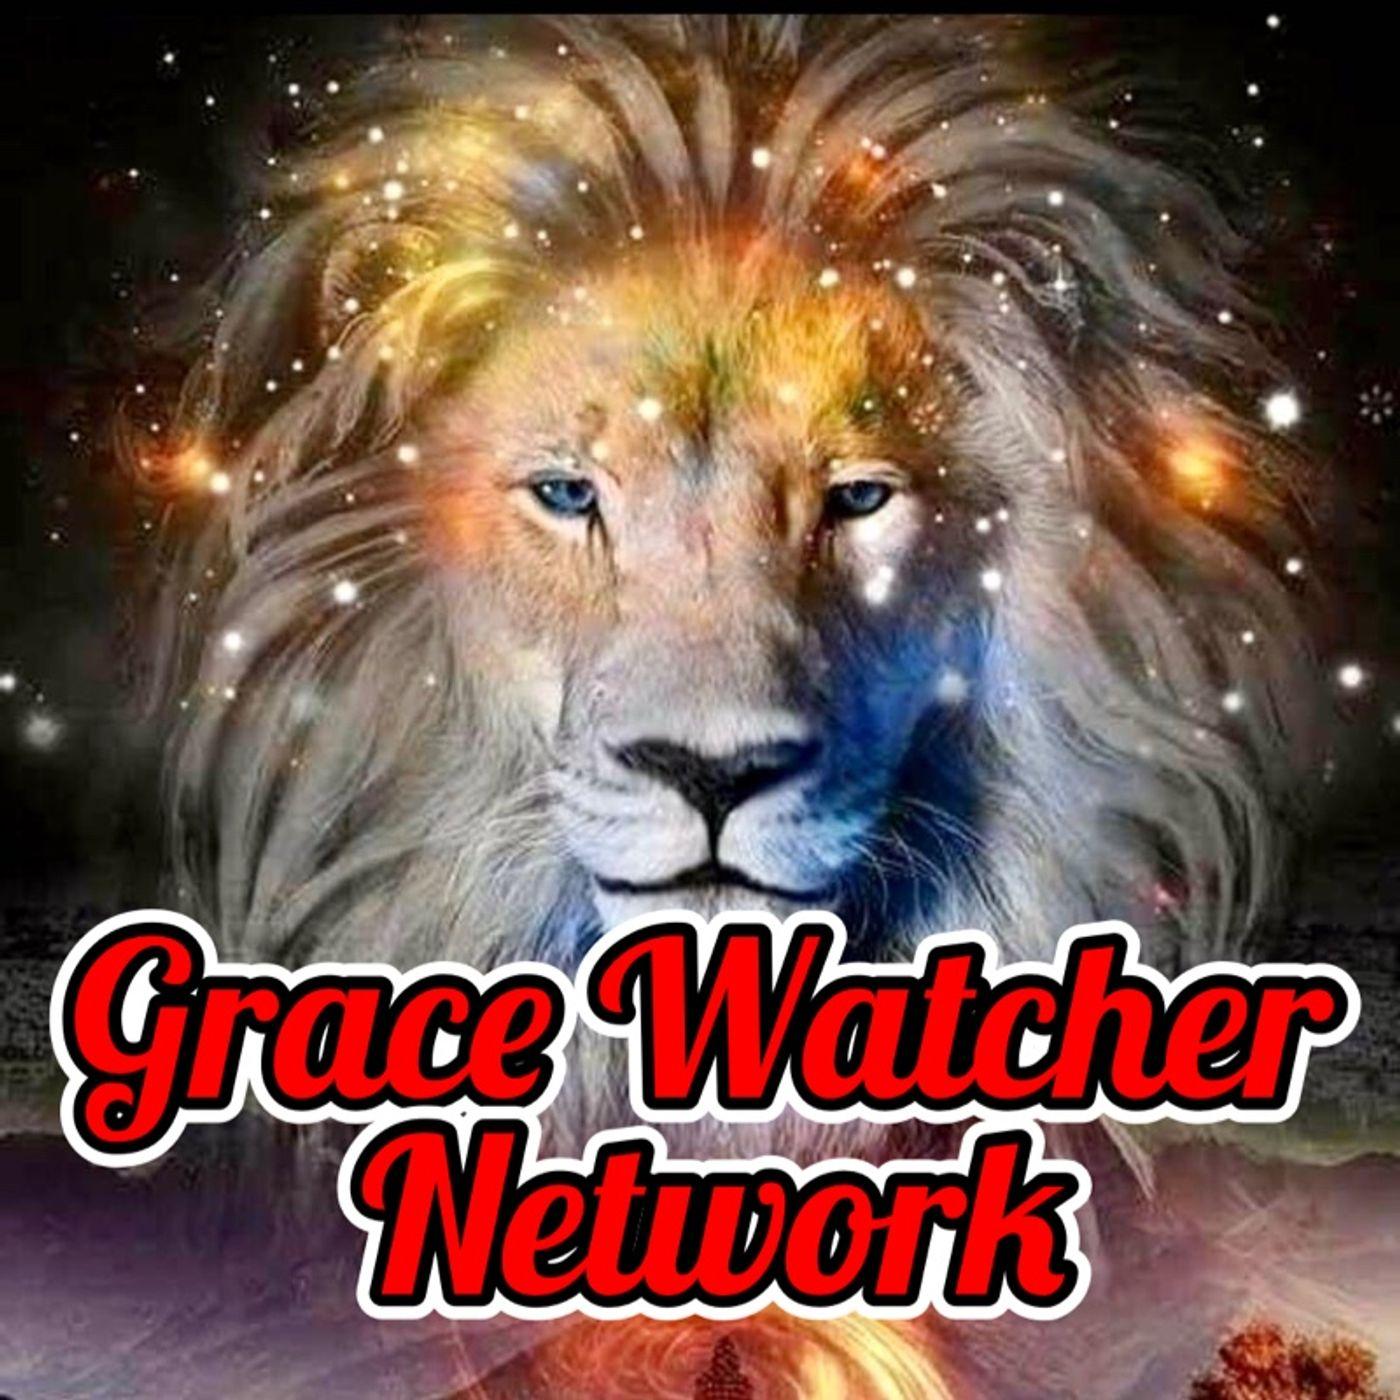 Live From Grace Watcher Network - Sunday Celebration